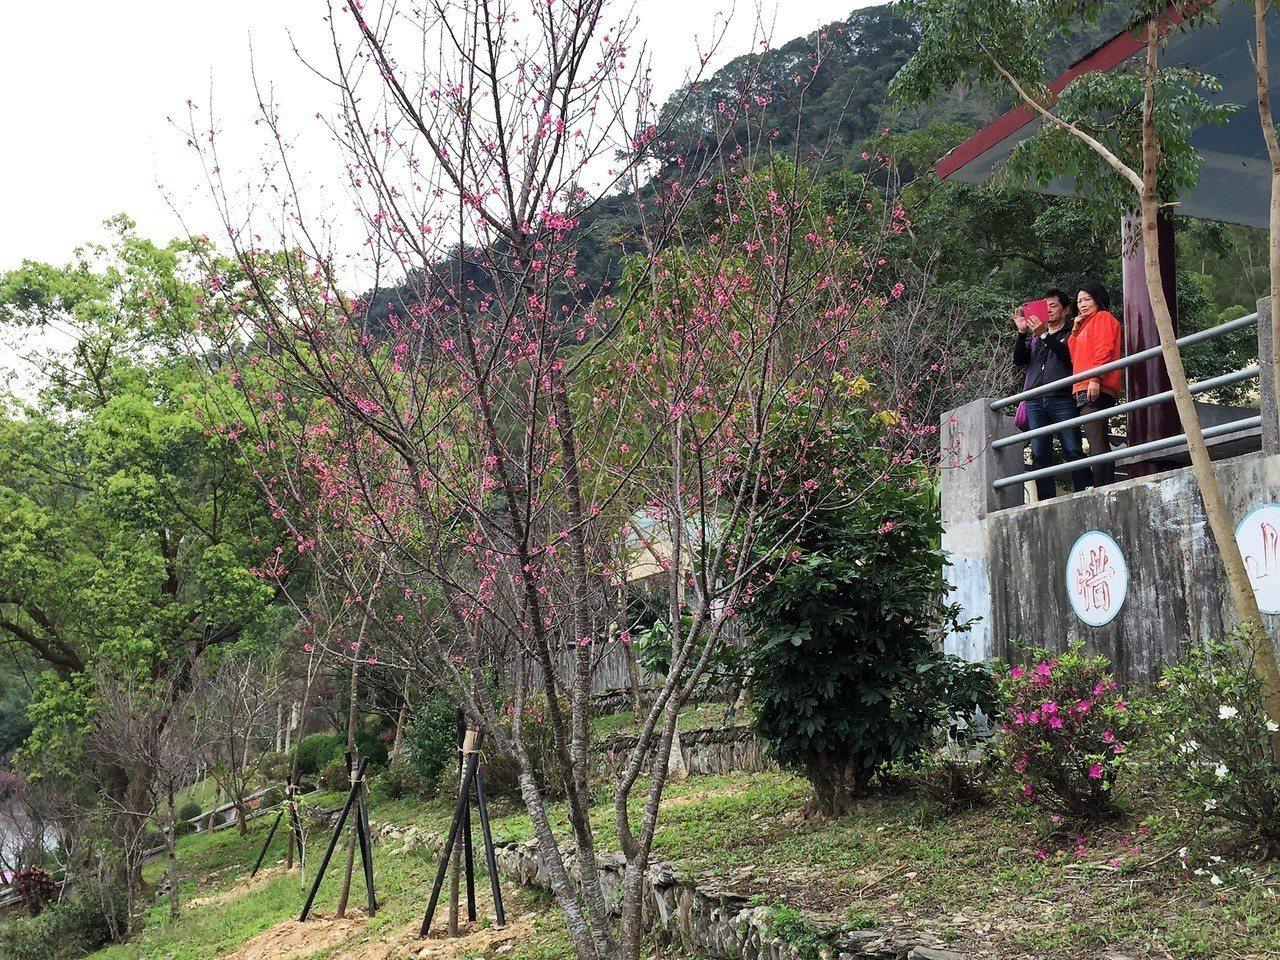 受暖冬影響,屏東縣霧台鄉的櫻花季不夠集中,目前只開了約5成,預計下一波要等到22...